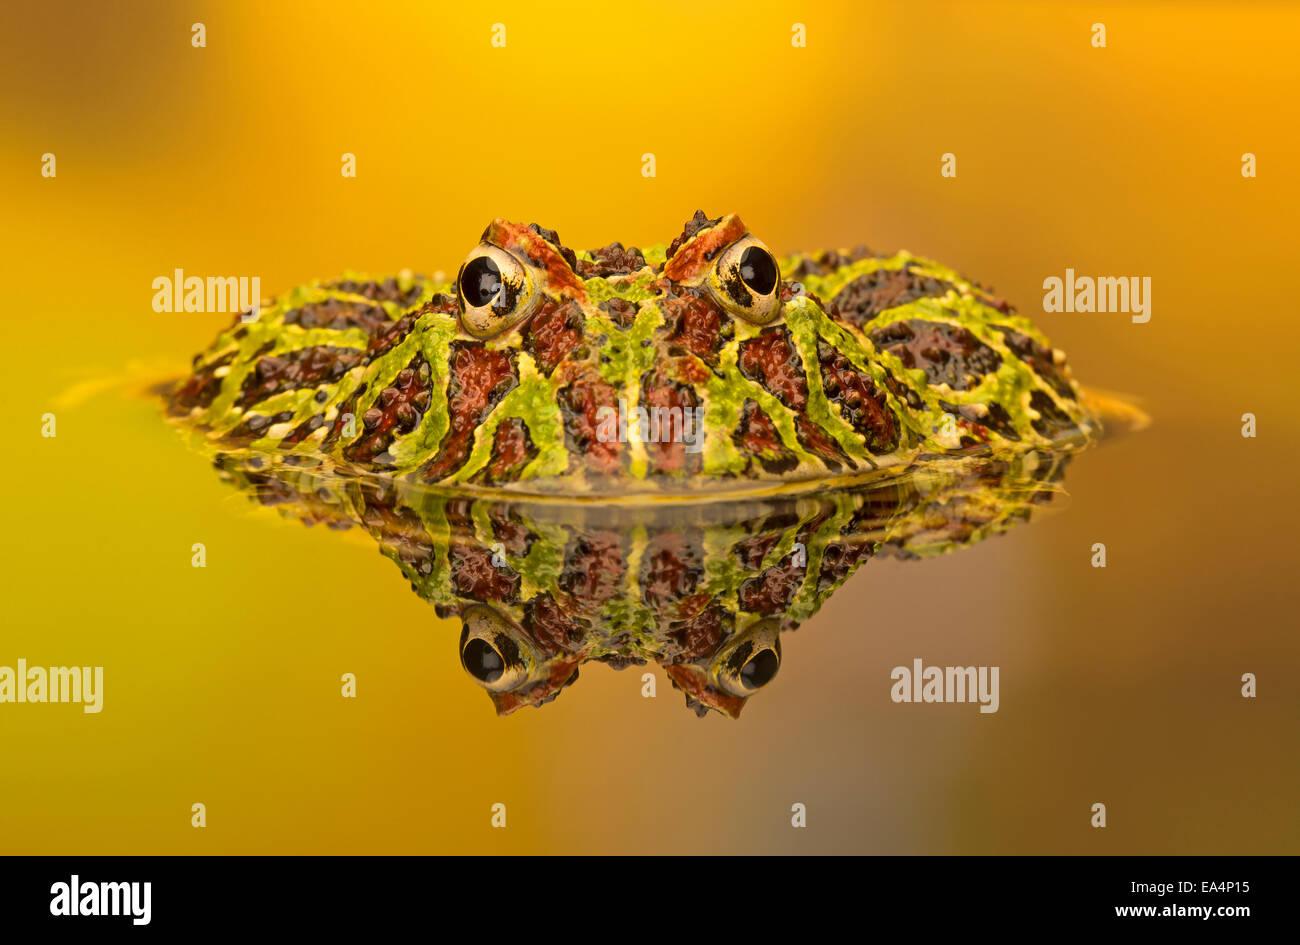 Reich verzierte gehörnten Frosch (Ceratophrys Cranwelli) und ihre Reflexion in einem pool Stockbild